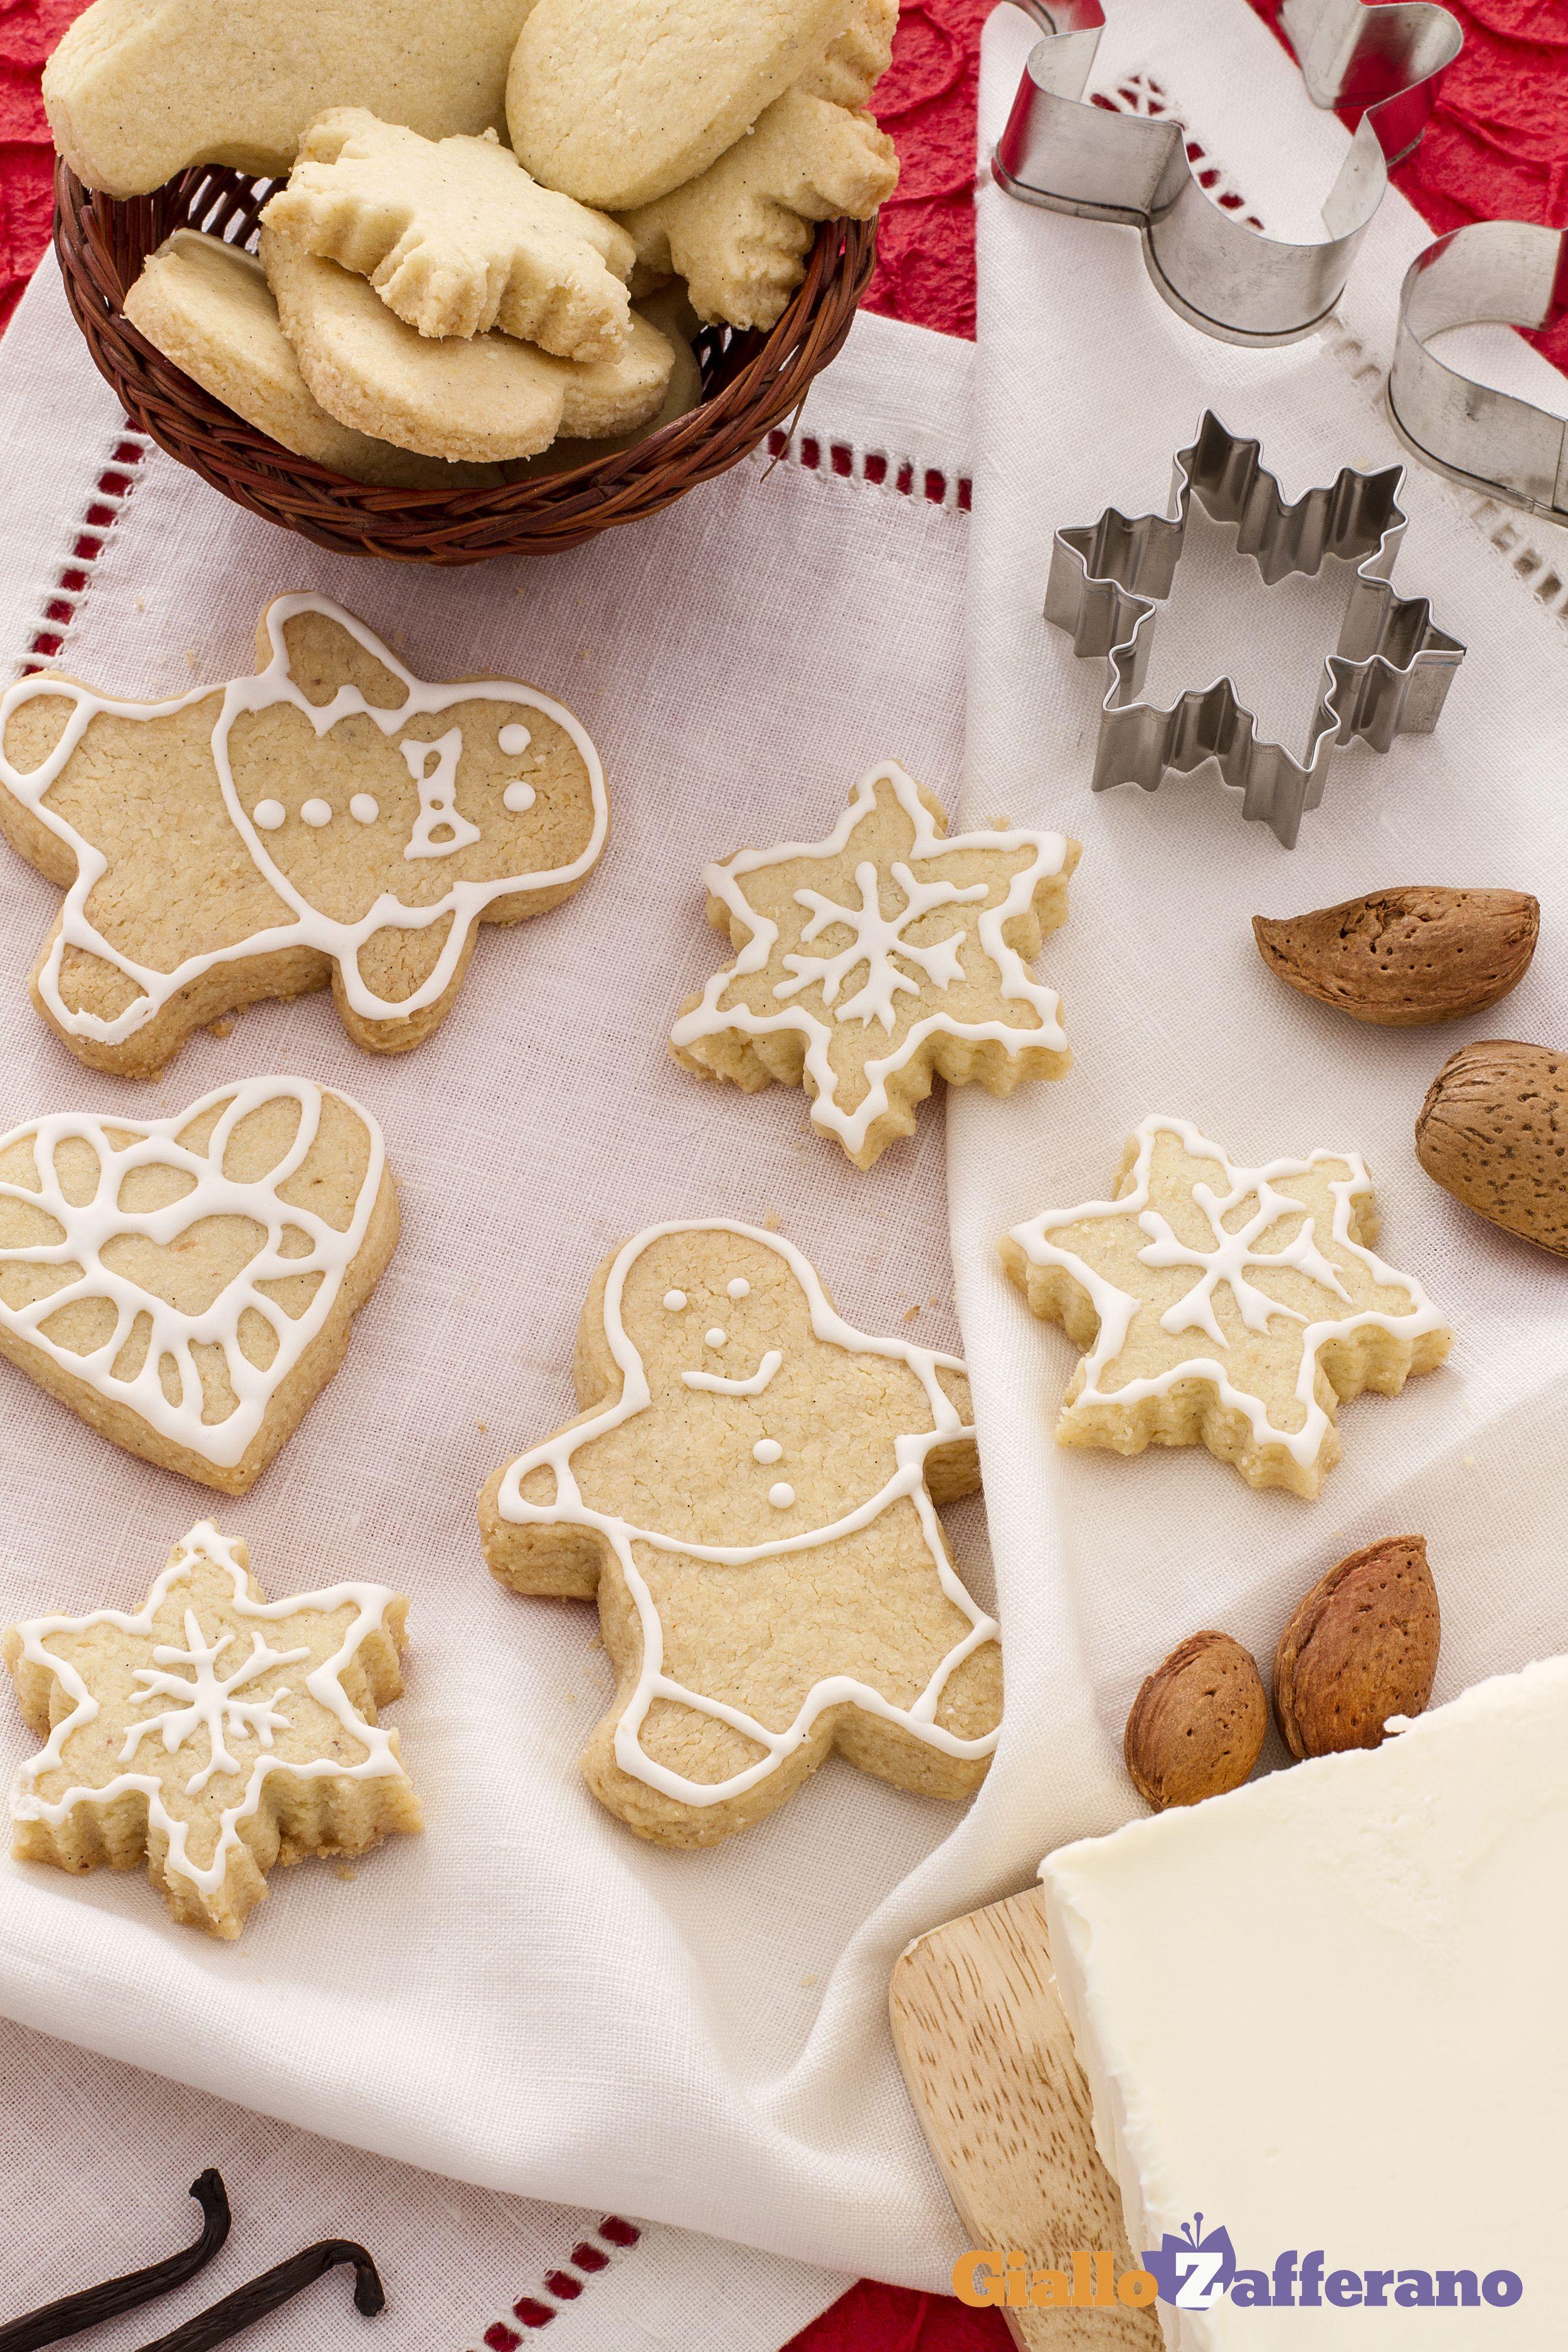 Biscotti Di Natale Ricette Giallo Zafferano.Biscottini Di Natale Alle Mandorle